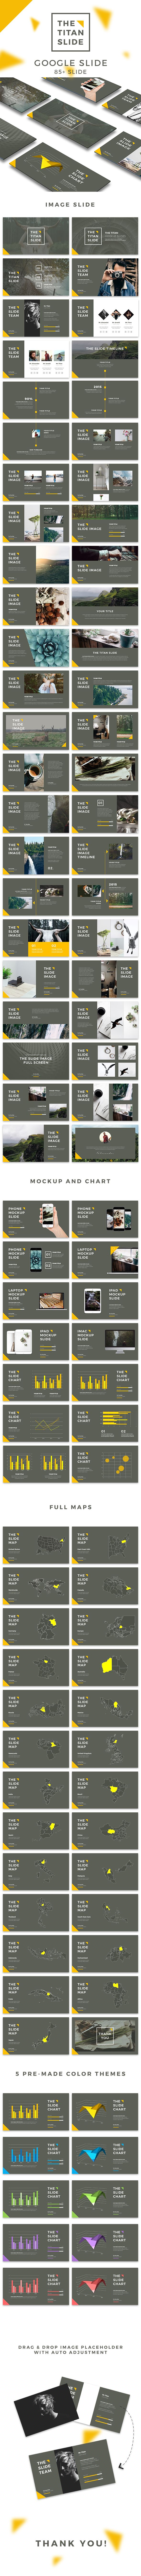 The Titan Slide  Google Slides Template  #popular #lettering • Download ➝ https://graphicriver.net/item/the-titan-slide-google-slides-template/18417396?ref=pxcr